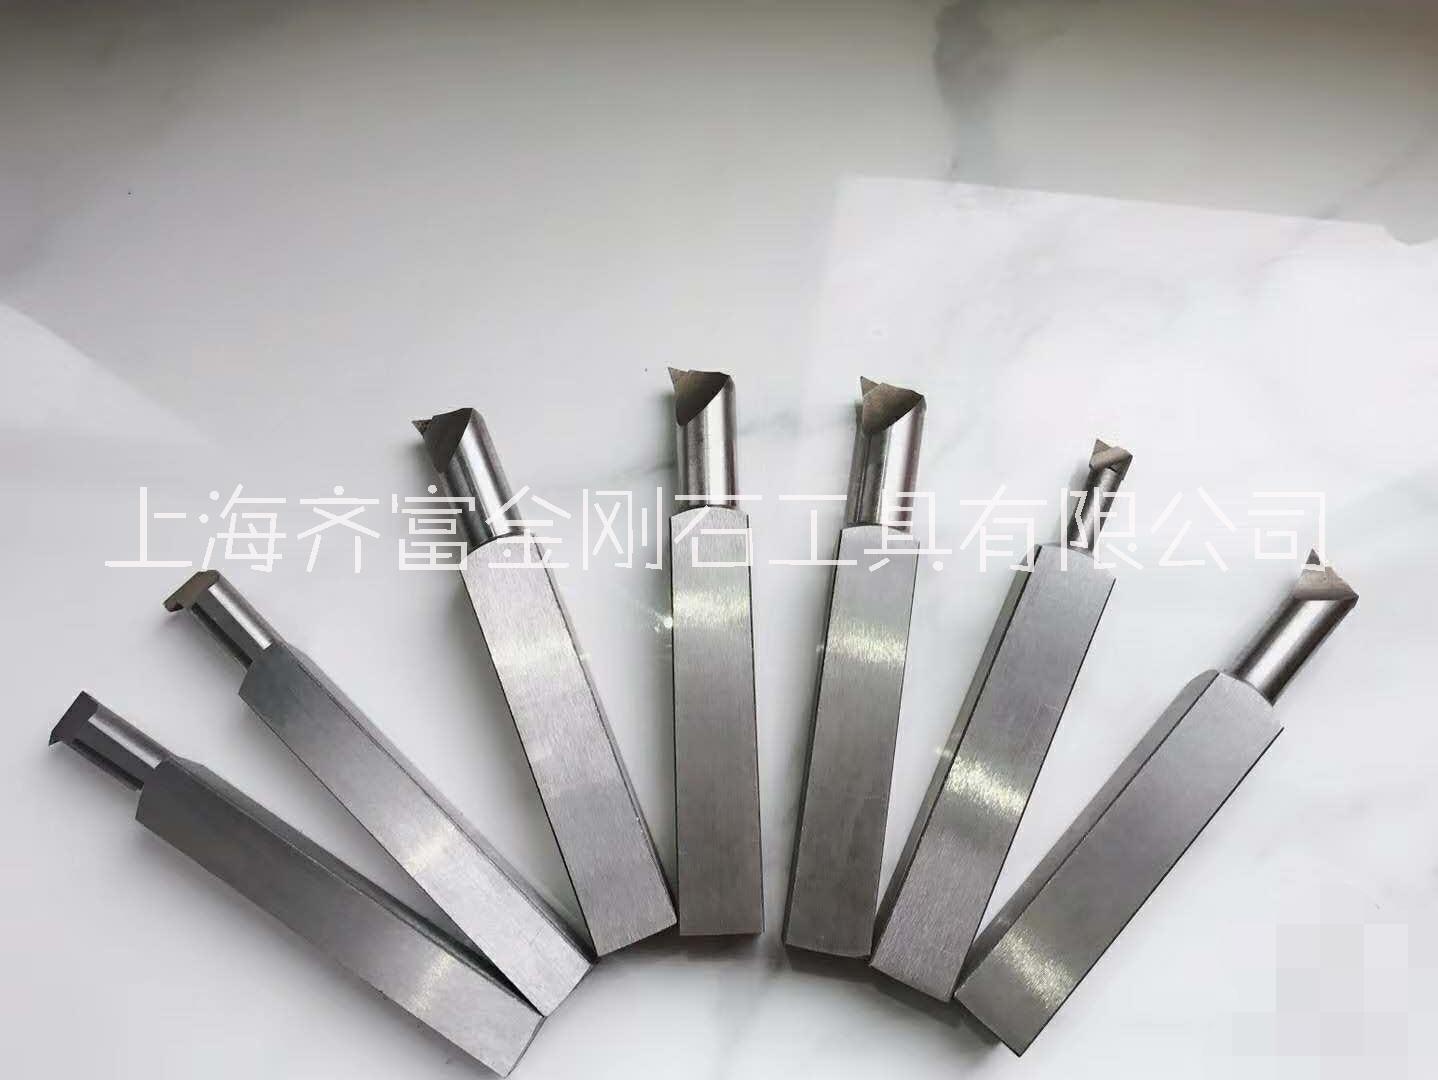 超硬材料PCD/PCBN非标刀具 上海齐富PCD生产加工厂家直销定制